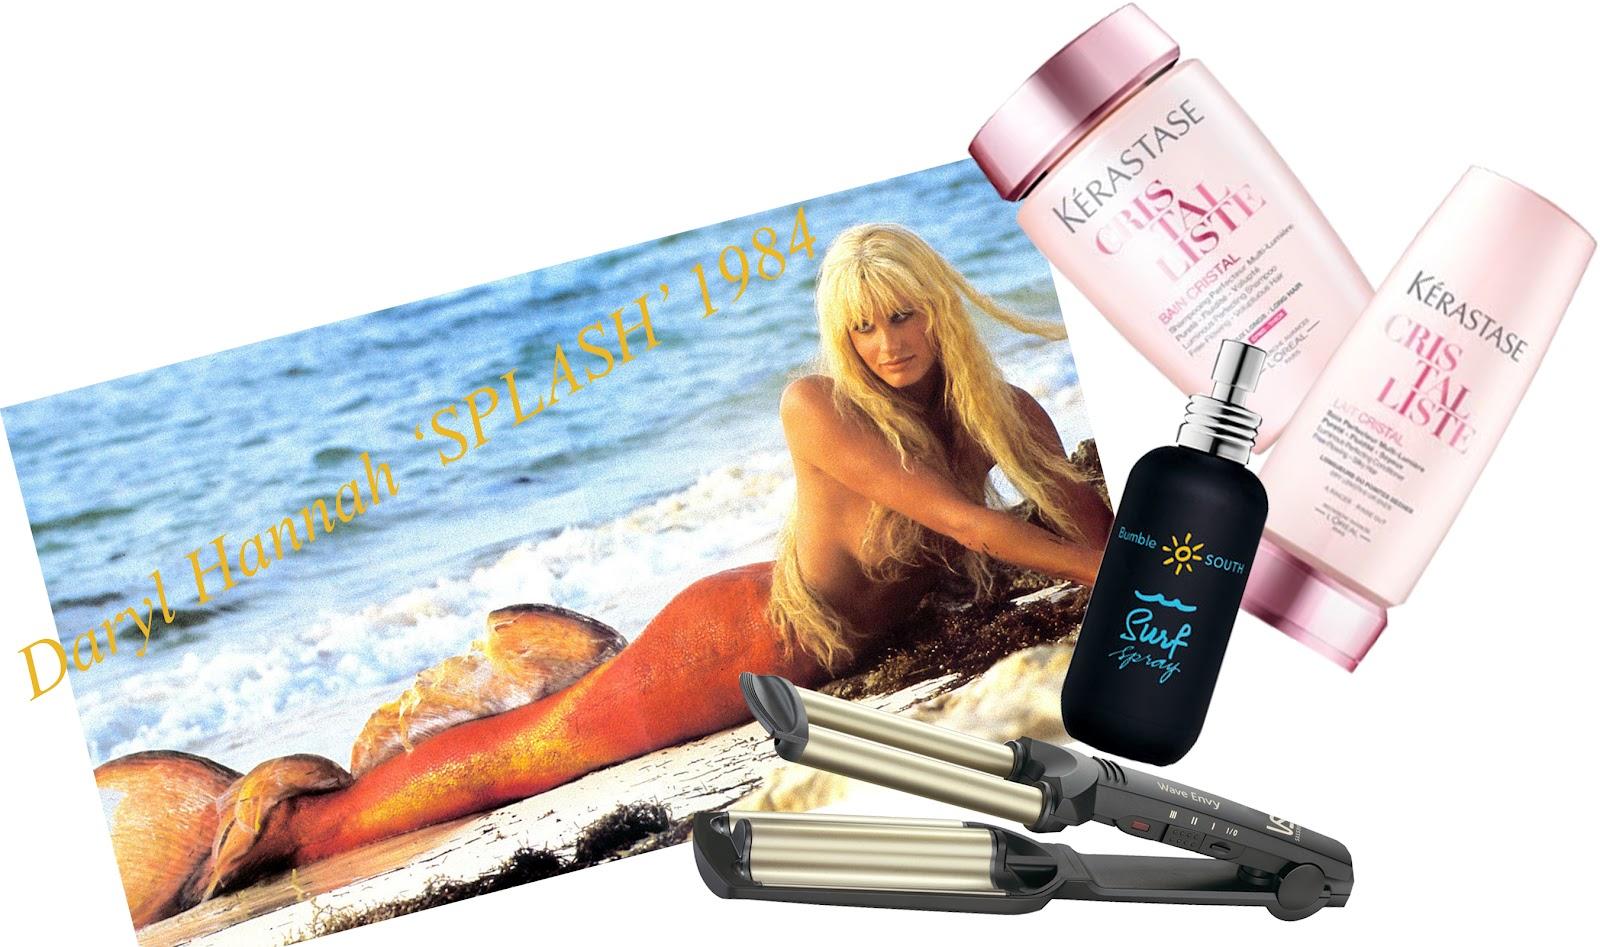 http://4.bp.blogspot.com/-q53KI977ln8/UAYZFMNiNrI/AAAAAAAAAfw/8_lxr2mm5uk/s1600/beaute_gazette_Daryl_blonde+cinema.jpg